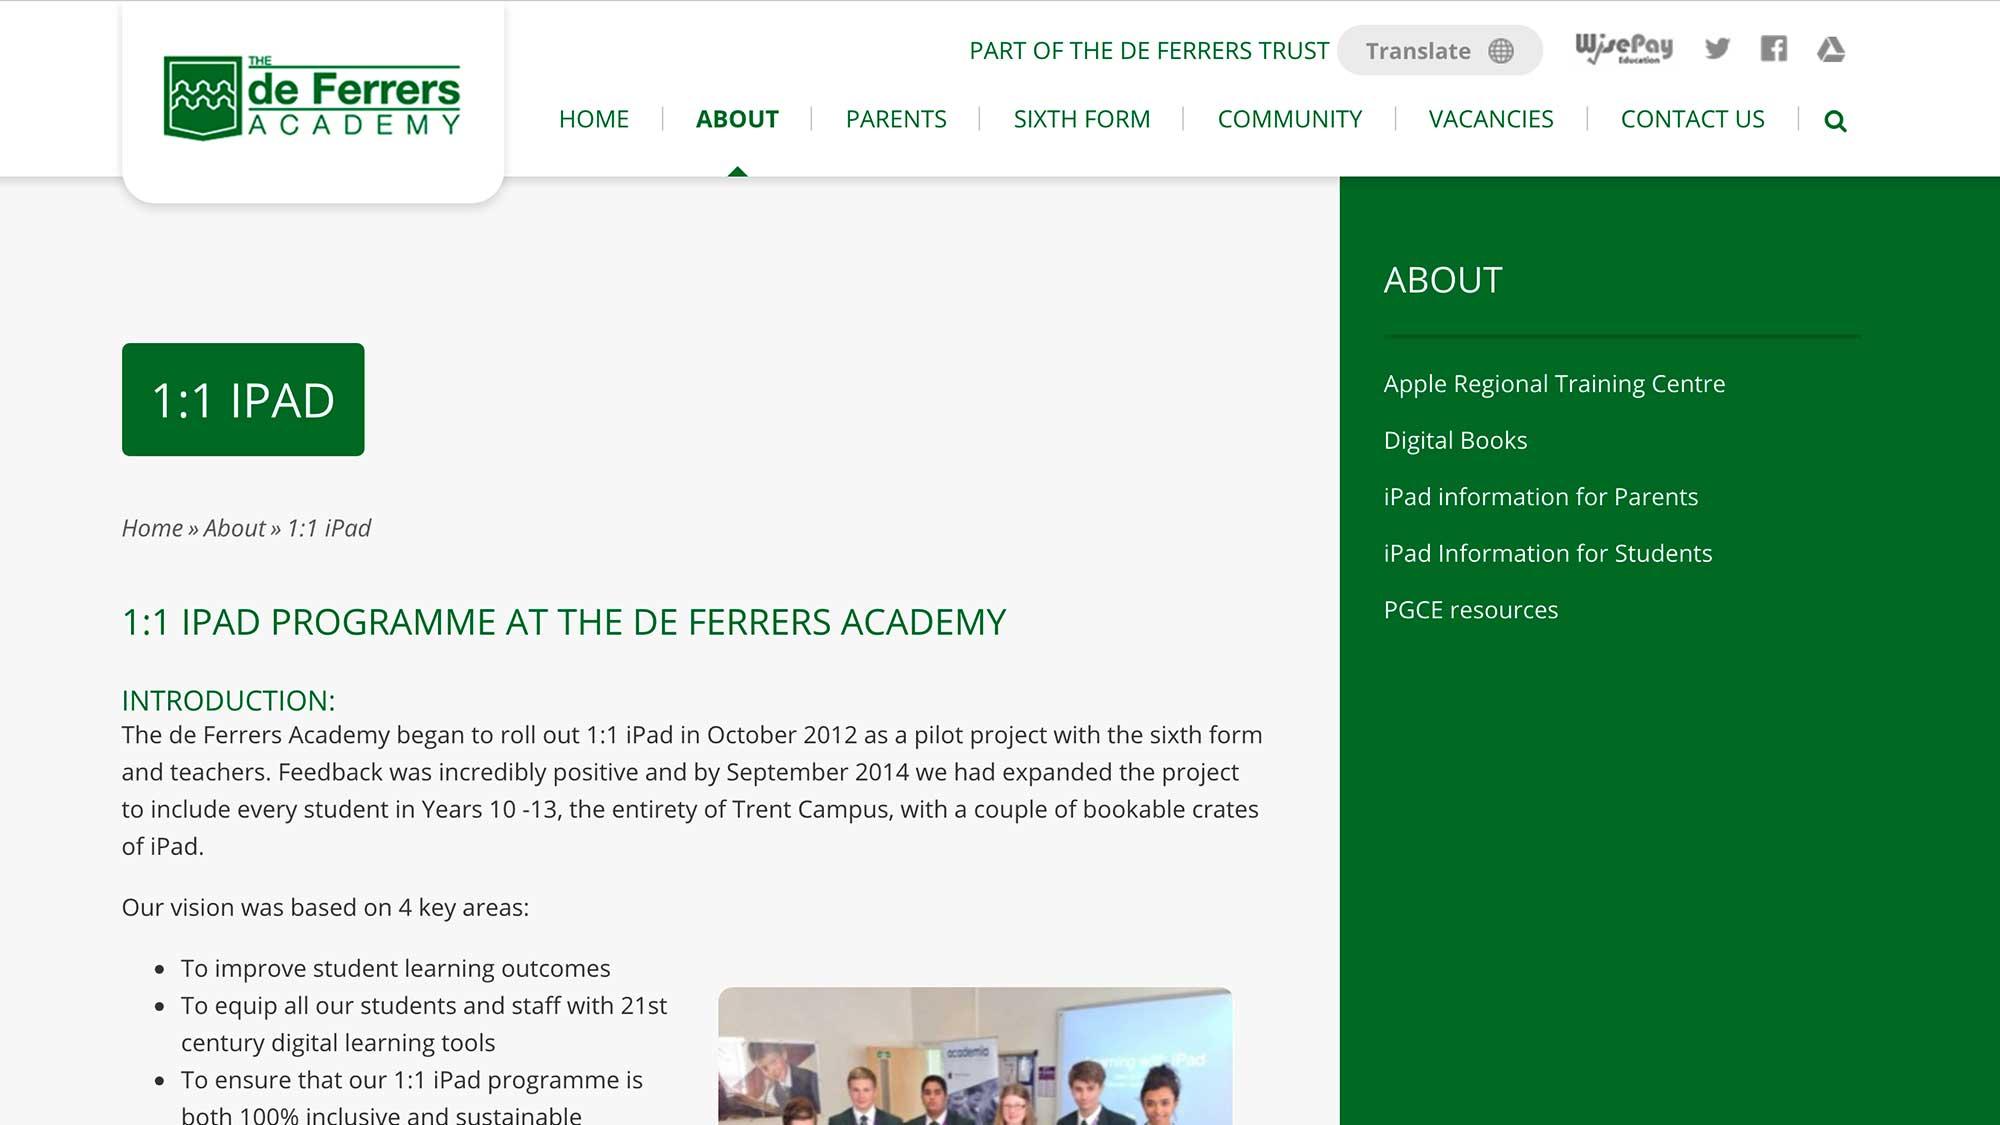 De Ferrers Academy website